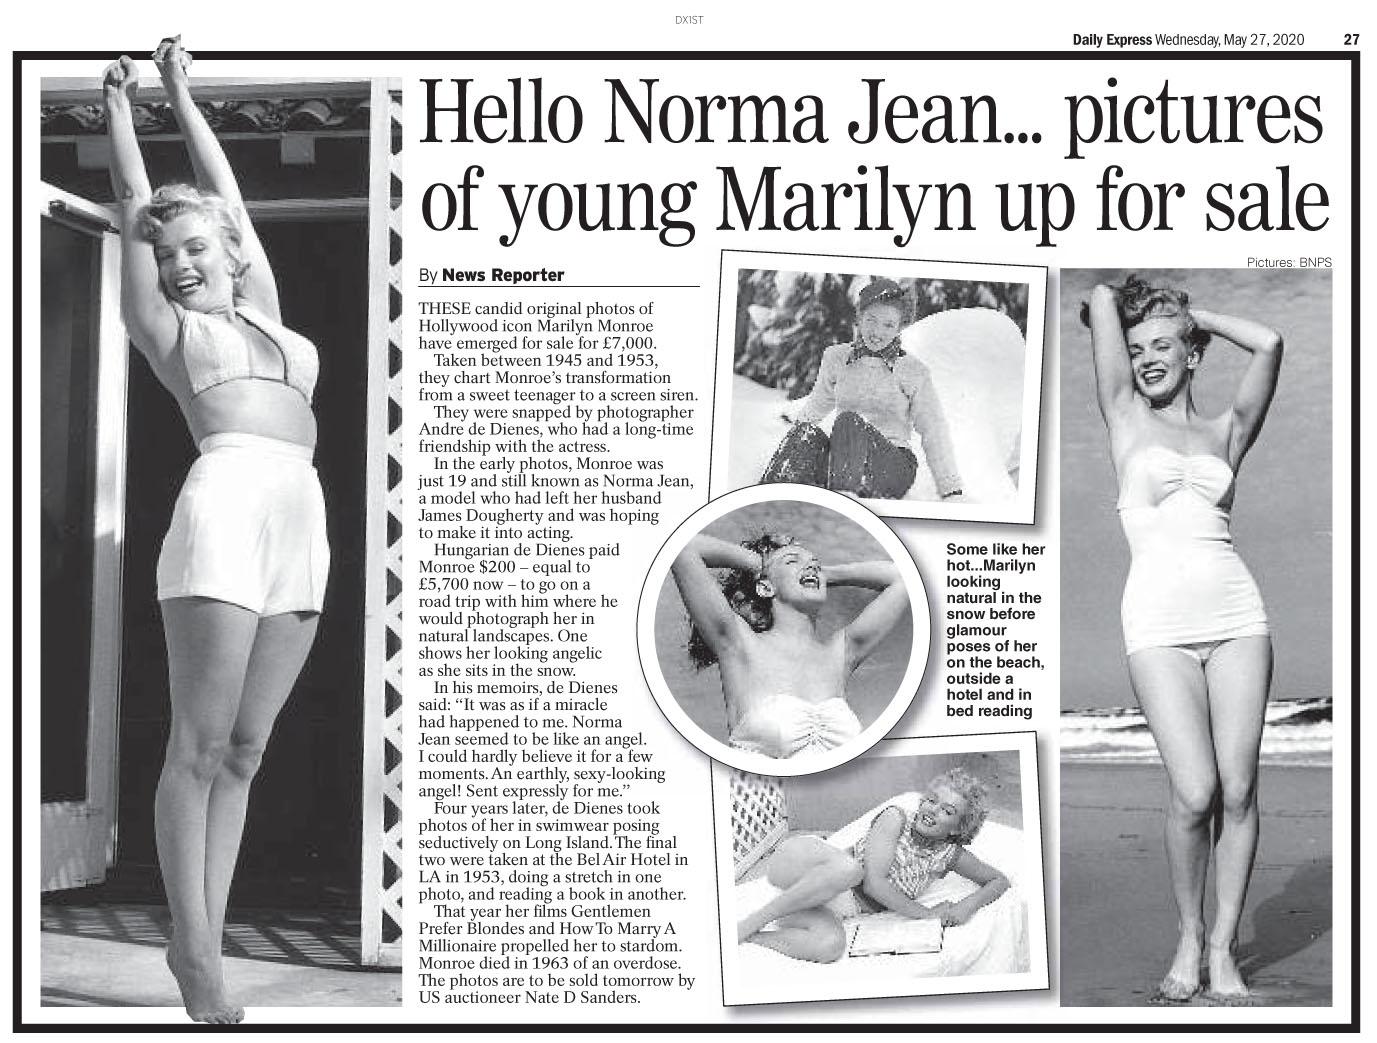 Daily Express - May 27 2020 MM.jpg